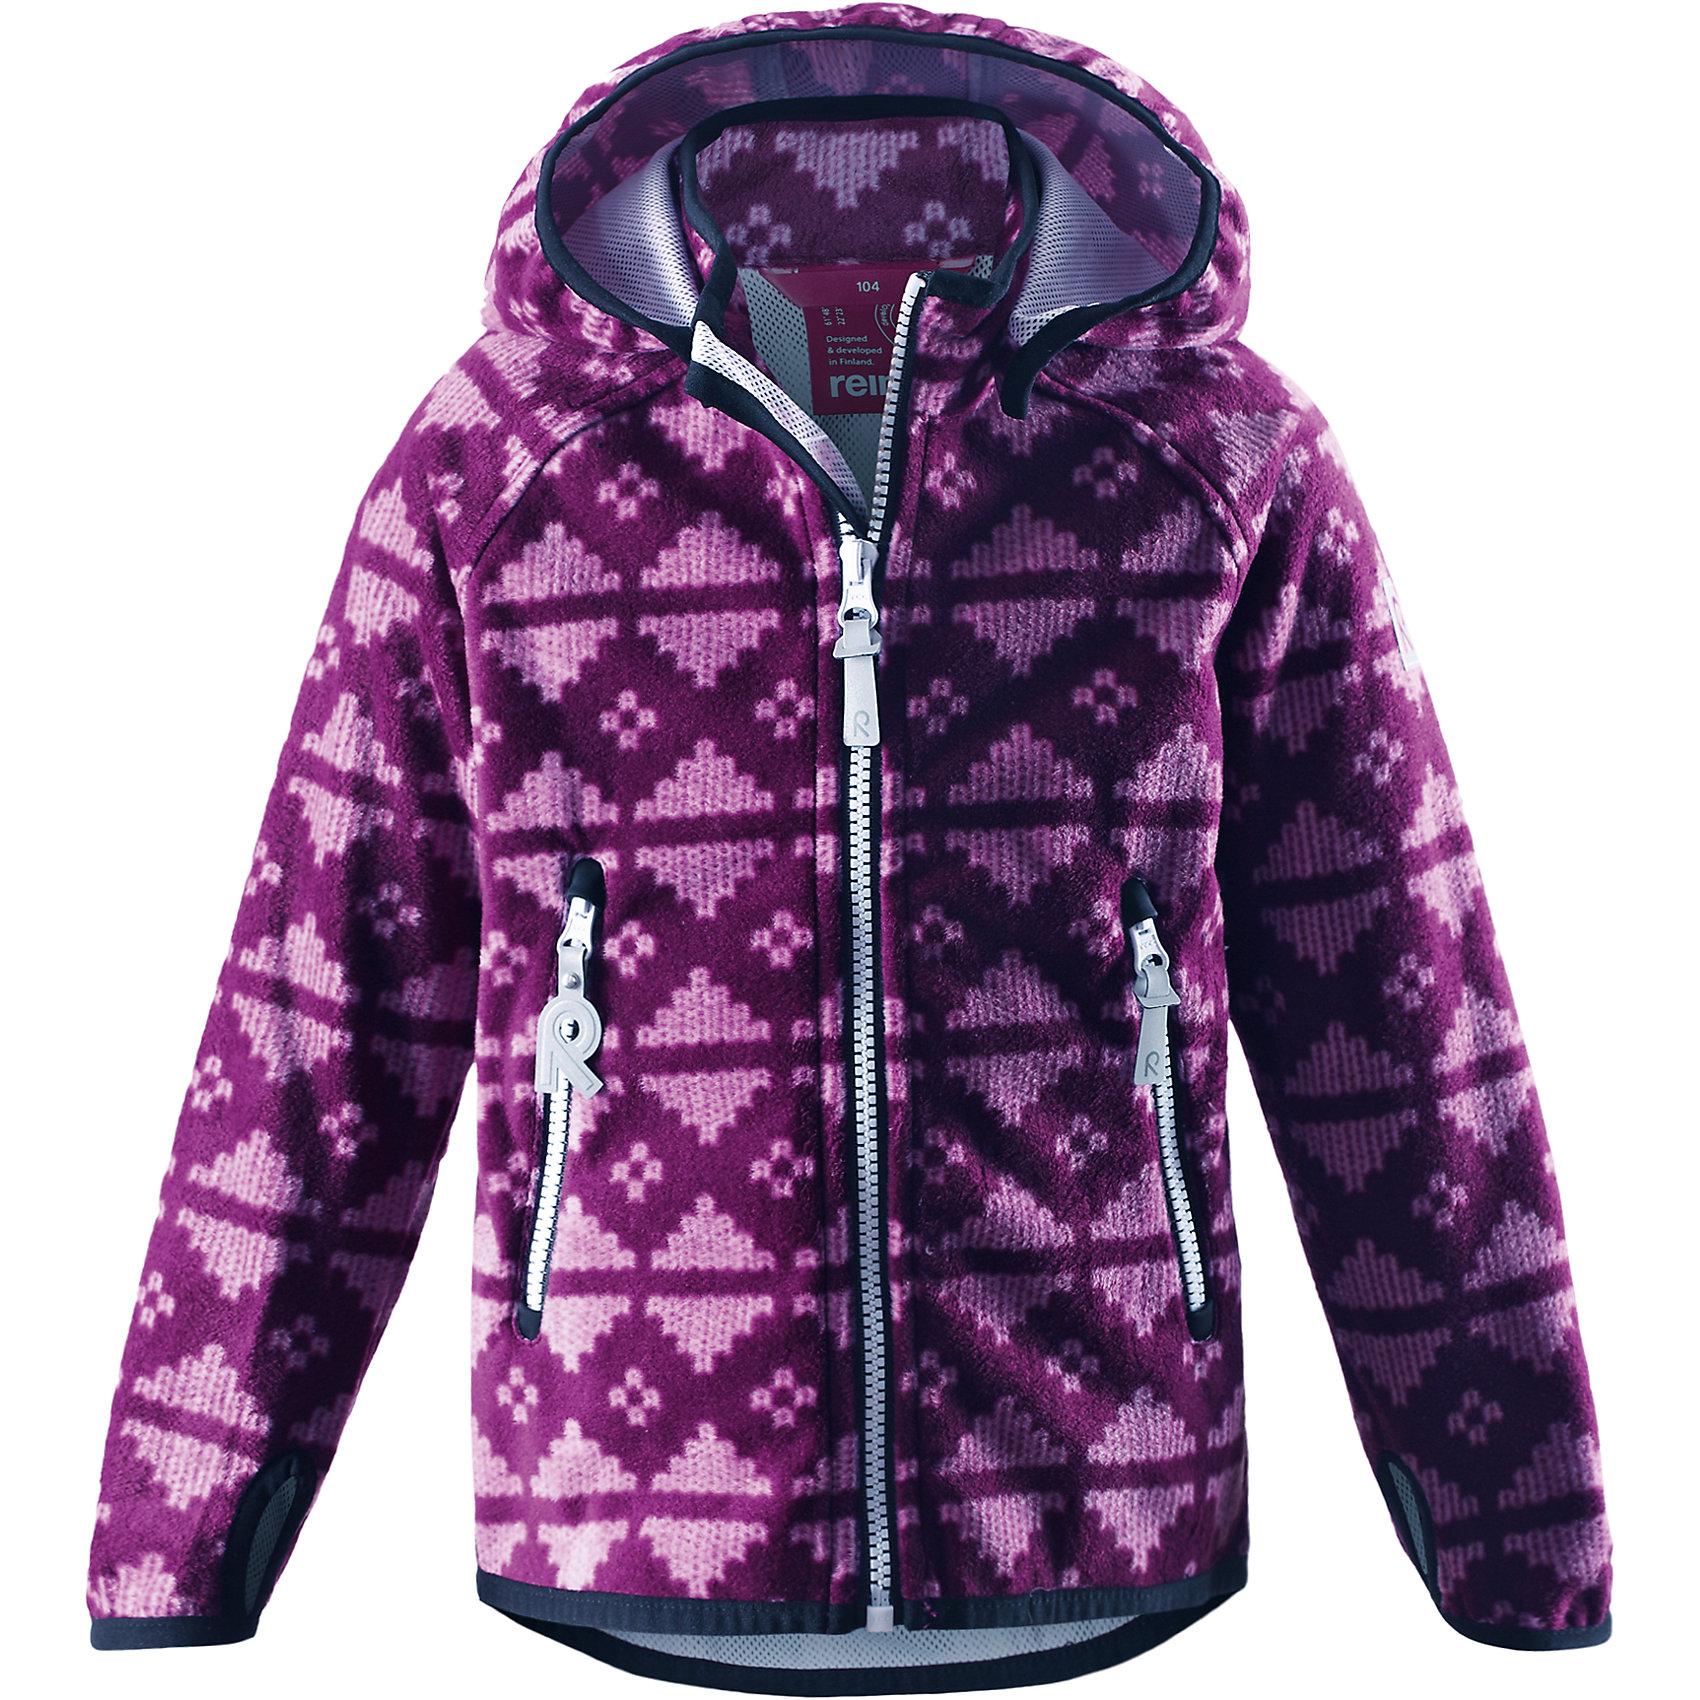 Куртка Ajatus для девочки ReimaФлис и термобелье<br>Куртка  Reima<br>Куртка из материала softshell для детей. Из ветронепроницаемого материала, но изделие «дышит». Безопасный, съемный капюшон. Эластичная резинка на кромке капюшона, манжетах и подоле. Два кармана на молнии. Принт по всей поверхности.<br>Уход:<br>Стирать по отдельности. Застегнуть молнии и липучки. Стирать моющим средством, не содержащим отбеливающие вещества. Полоскать без специального средства. Во избежание изменения цвета изделие необходимо вынуть из стиральной машинки незамедлительно после окончания программы стирки. Сушить при низкой температуре.<br>Состав:<br>100% Полиэстер, полиуретановая мембрана<br><br>Ширина мм: 356<br>Глубина мм: 10<br>Высота мм: 245<br>Вес г: 519<br>Цвет: лиловый<br>Возраст от месяцев: 36<br>Возраст до месяцев: 48<br>Пол: Женский<br>Возраст: Детский<br>Размер: 104,140,110,134,128,116,122<br>SKU: 4777842